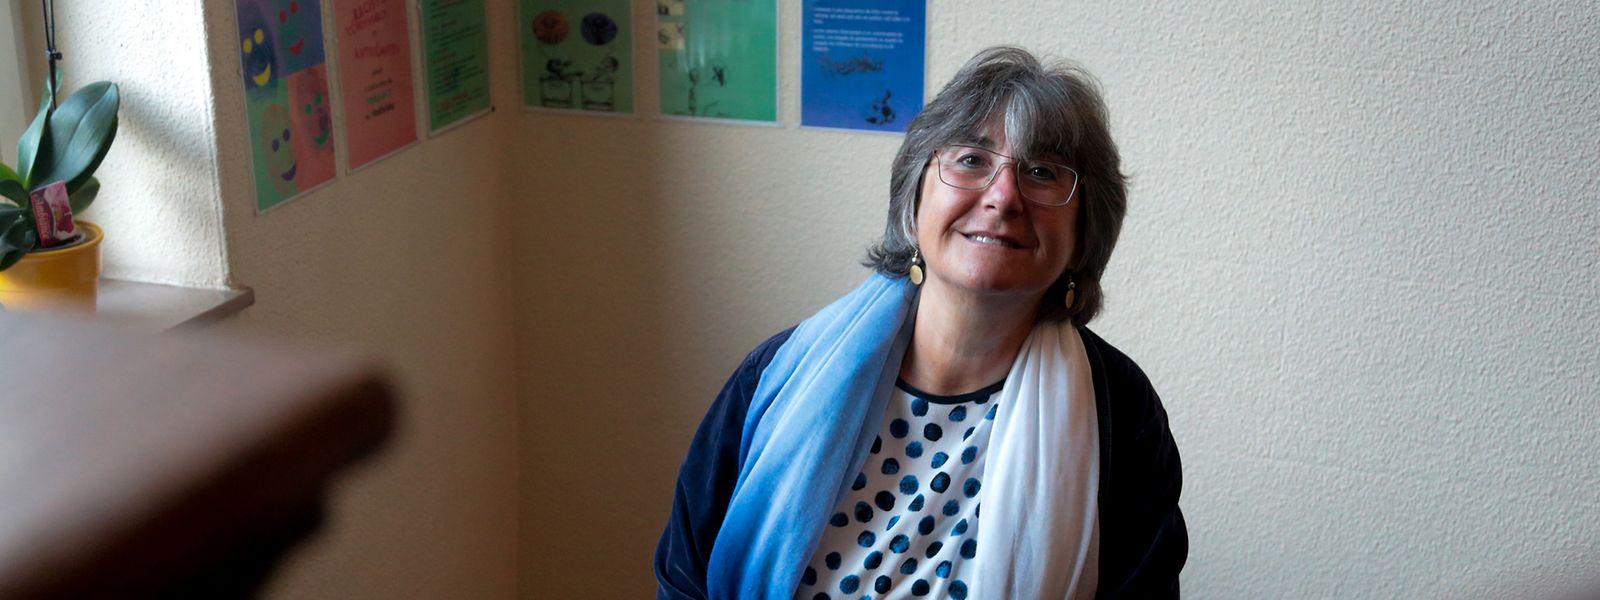 Laura Zuccoli ist seit 2010 ASTI-Präsidentin.